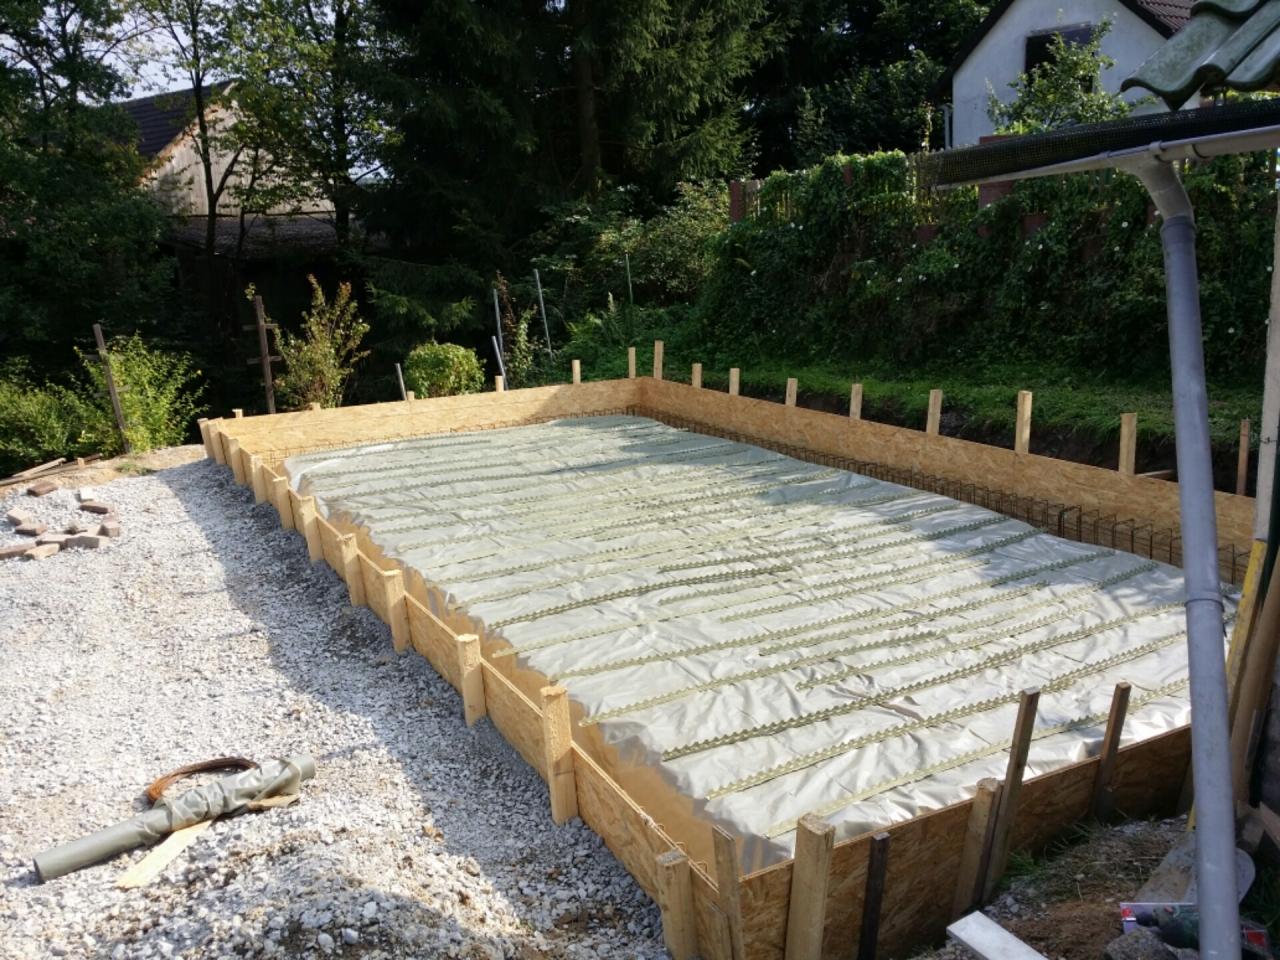 Bodenplatte Schalung Selber Machen Bodenplatte Energiesparend Bauen